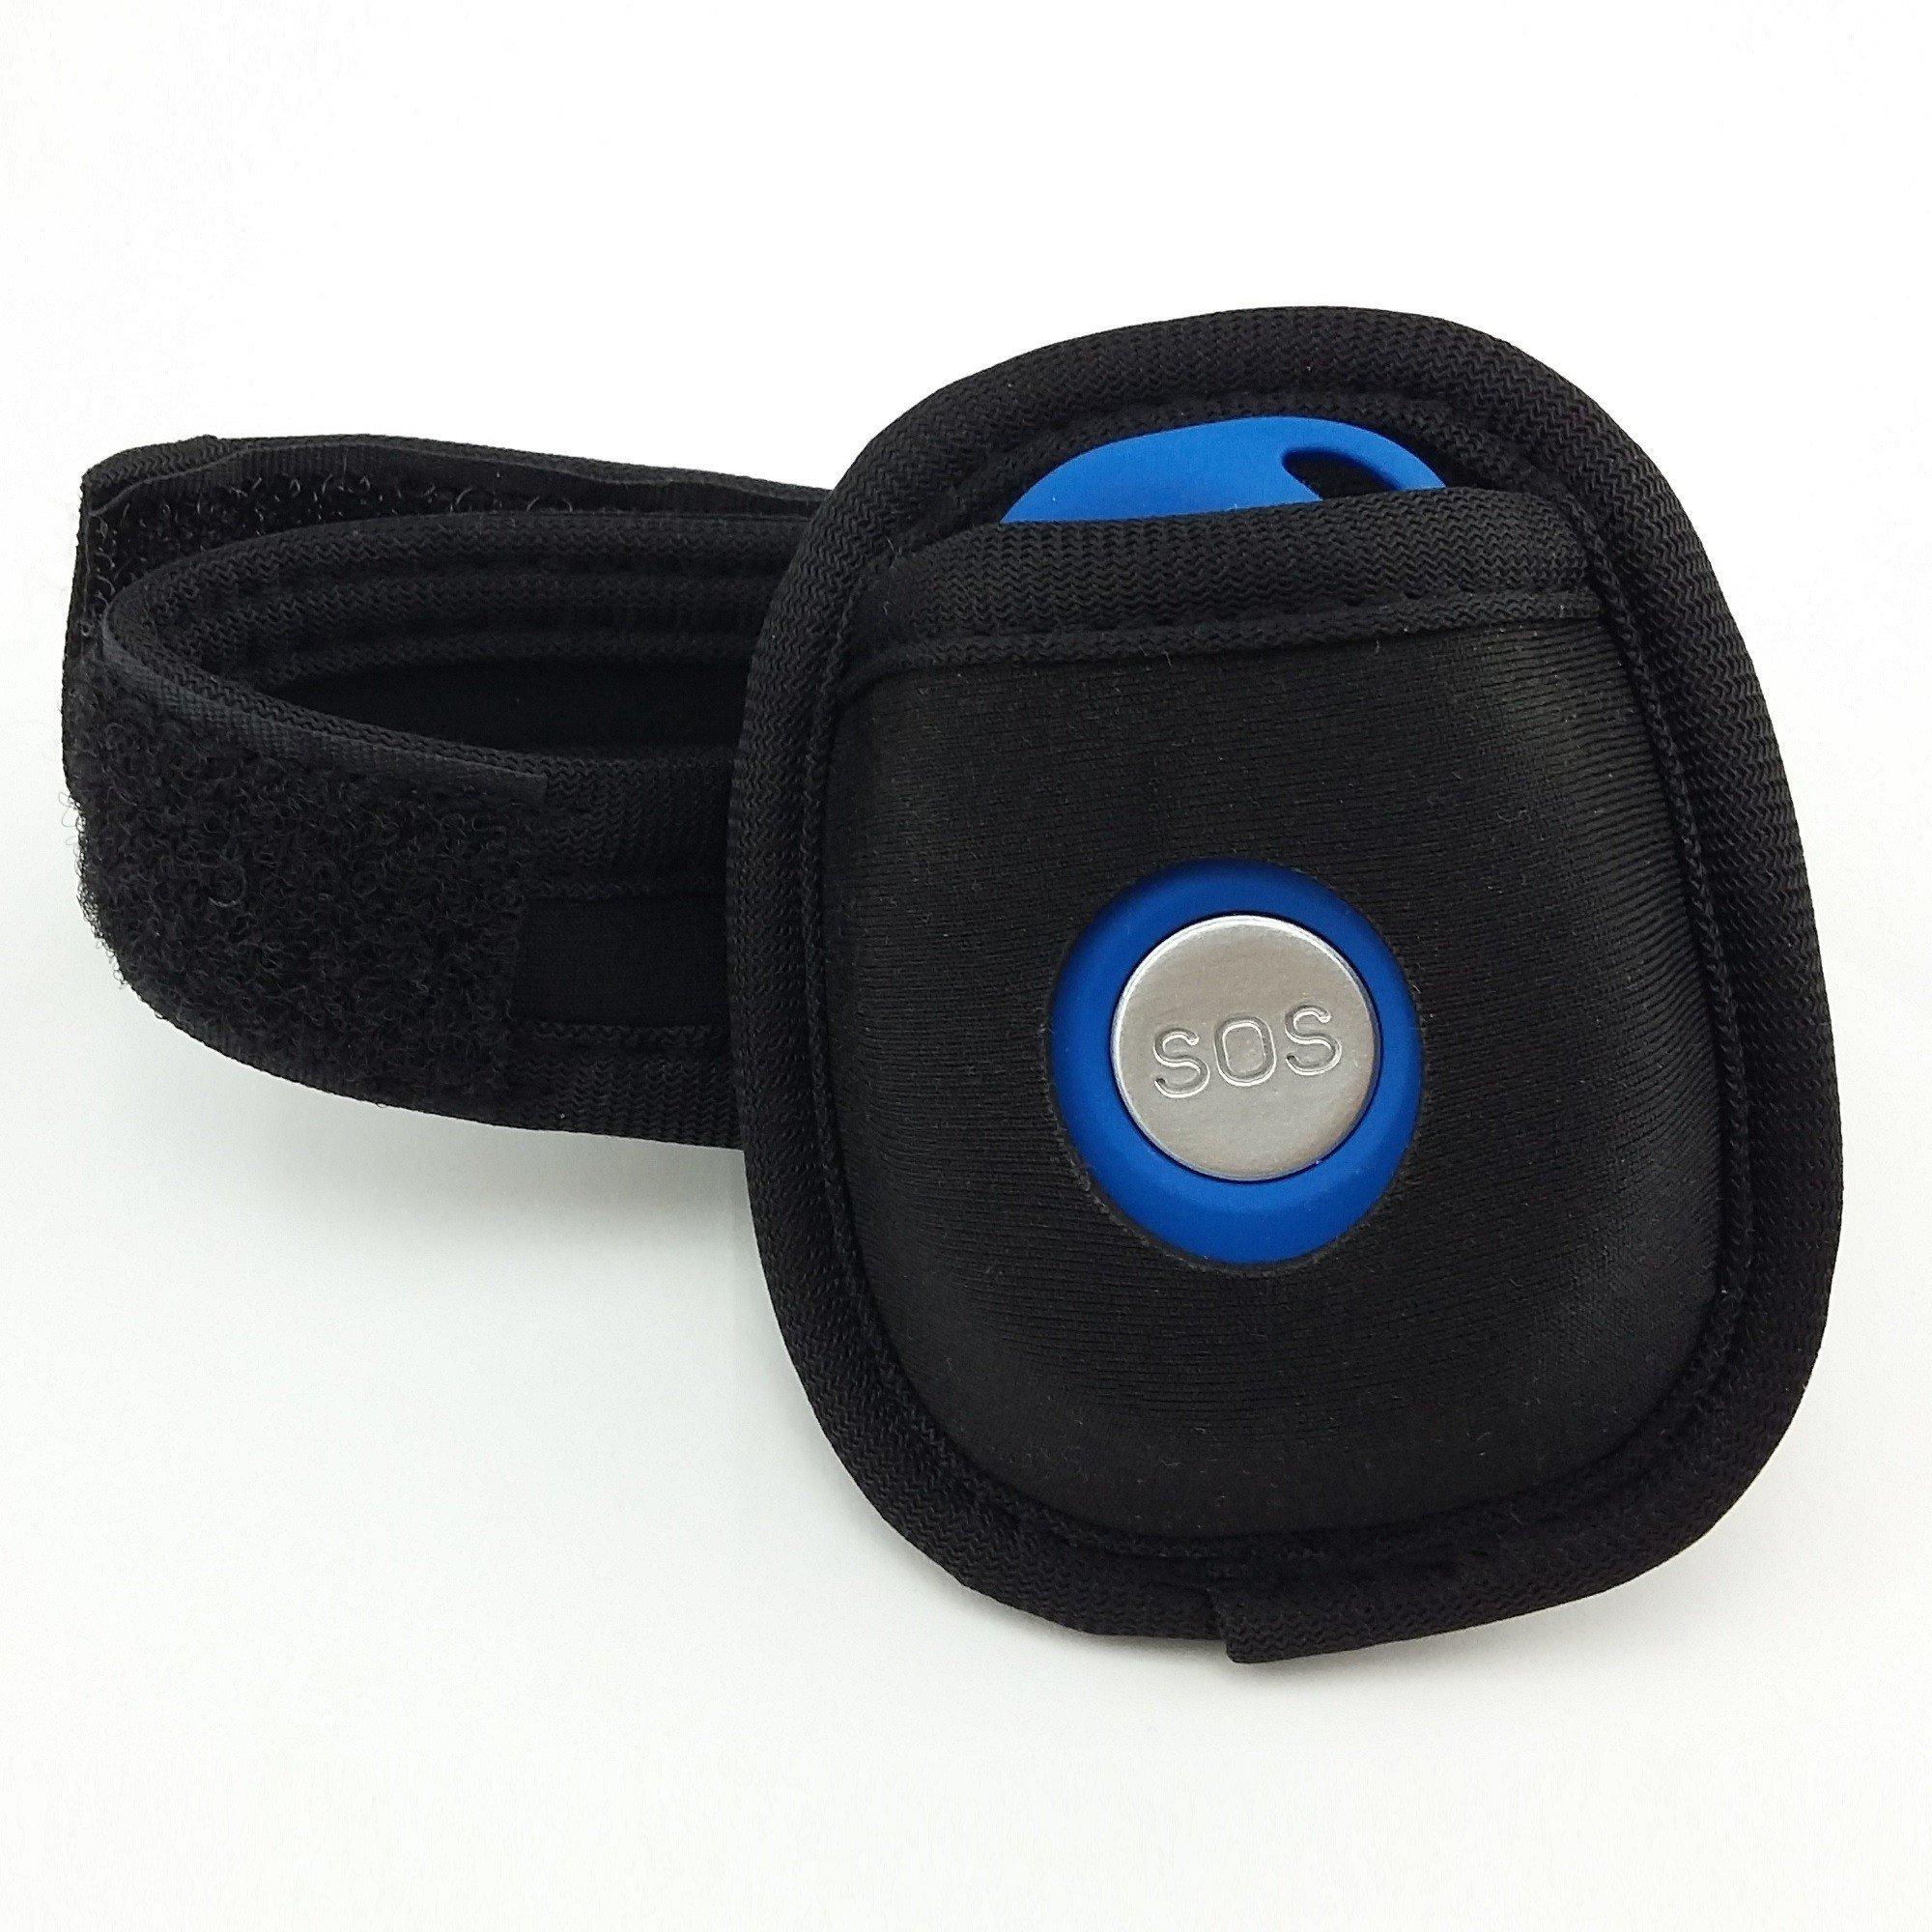 Gürteltasche mit Klettarmband für Sturzmelder